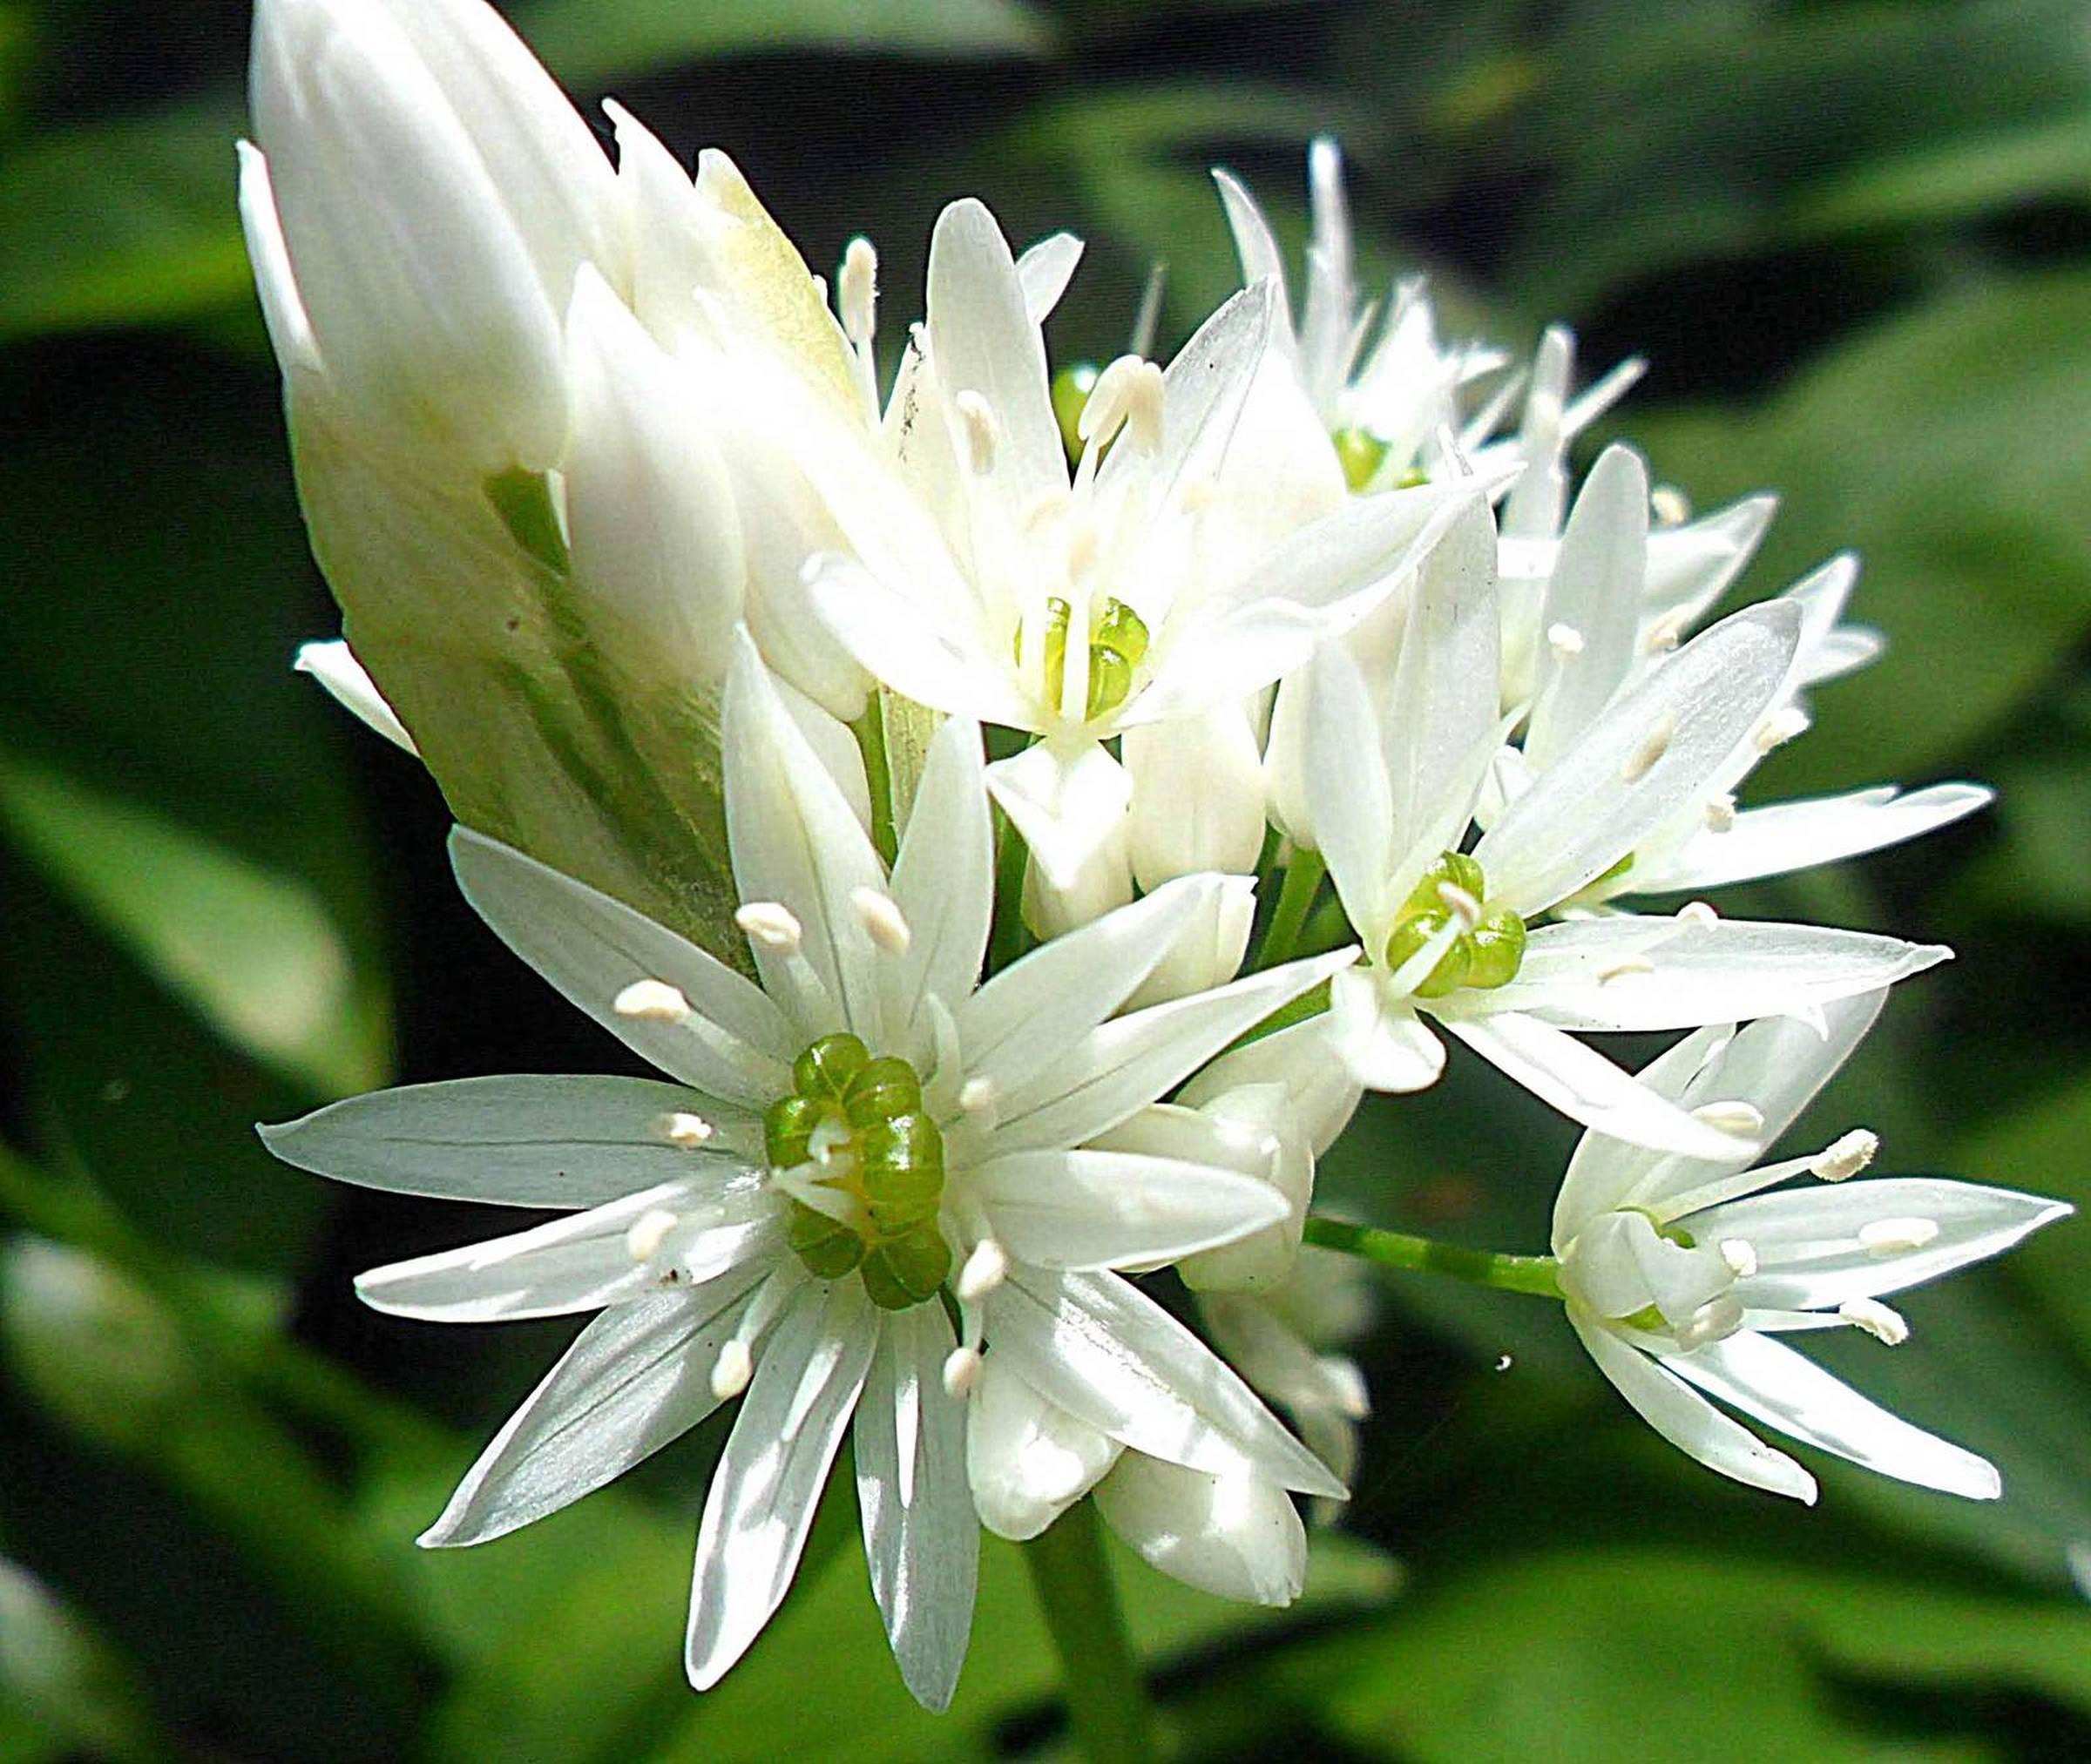 fiori di aglio orsino - Orobie.it